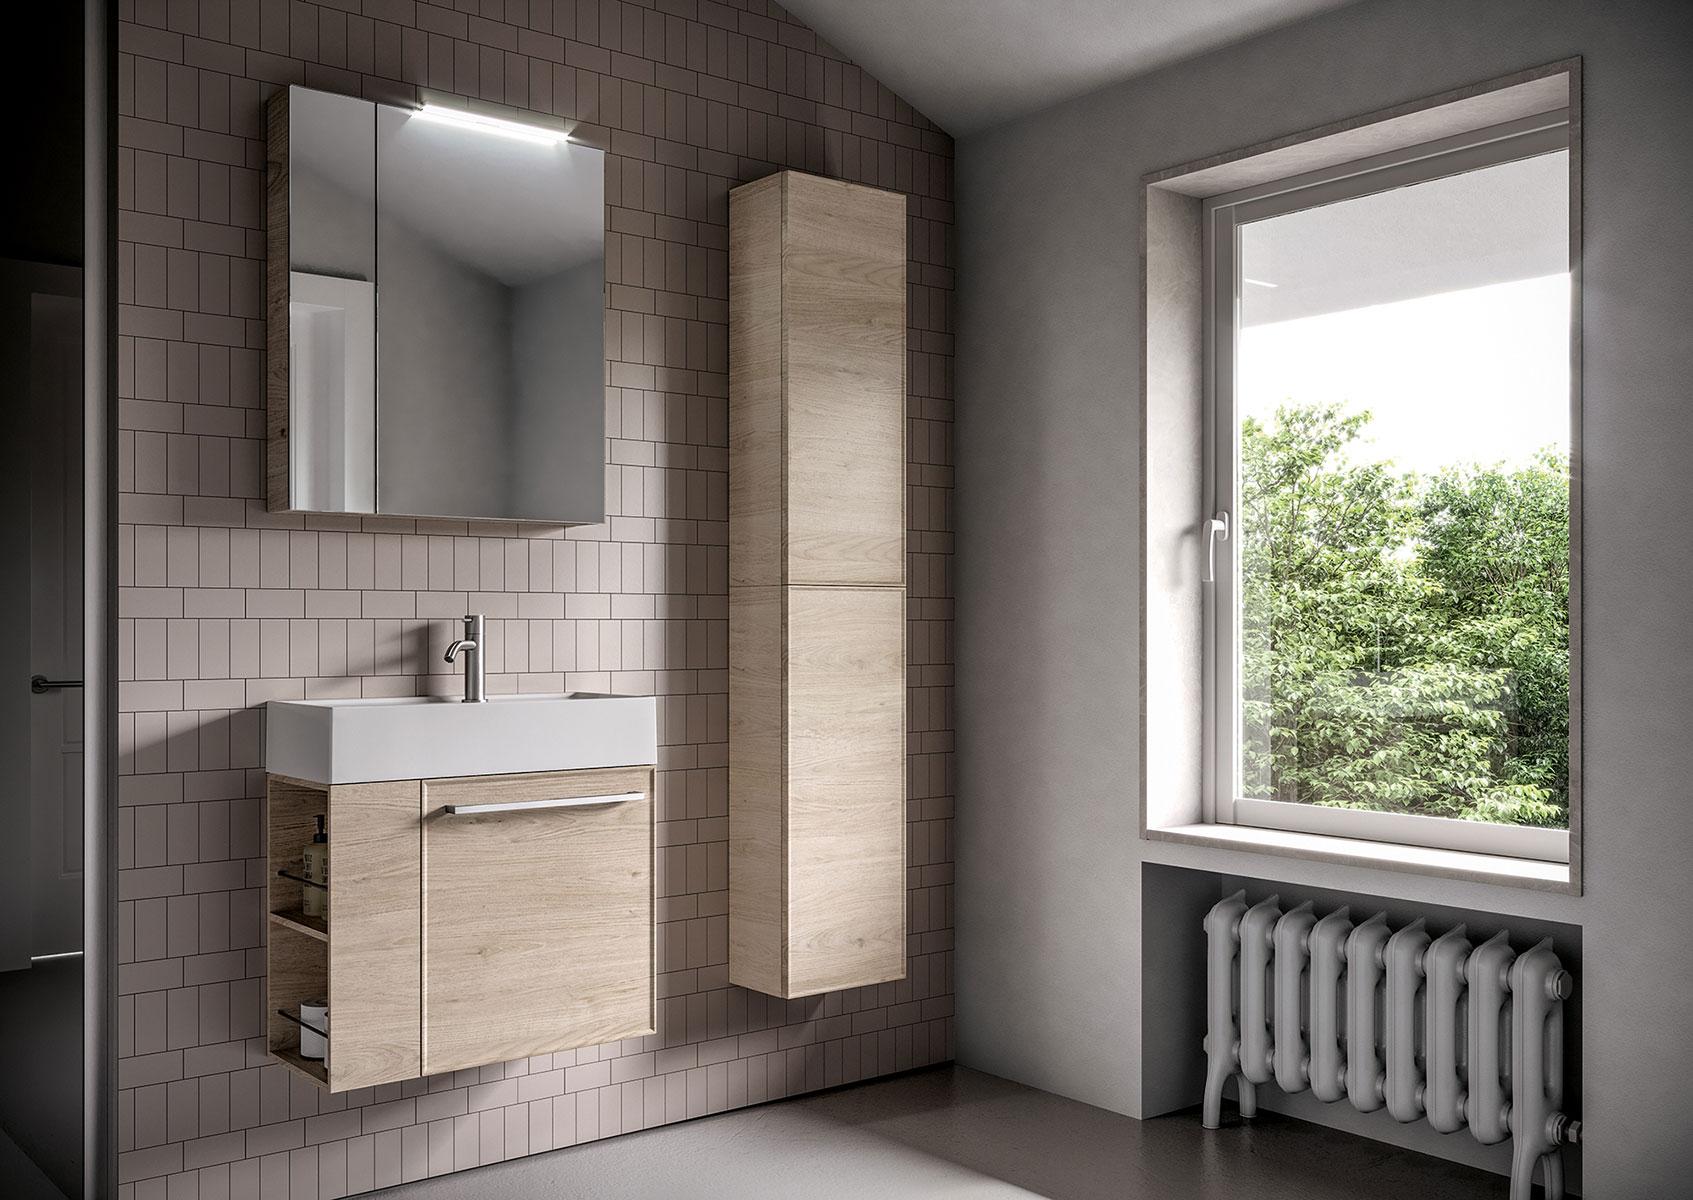 Arredo Bagno Design Piccolo : Una sola collezione infiniti stili il design versatile di form